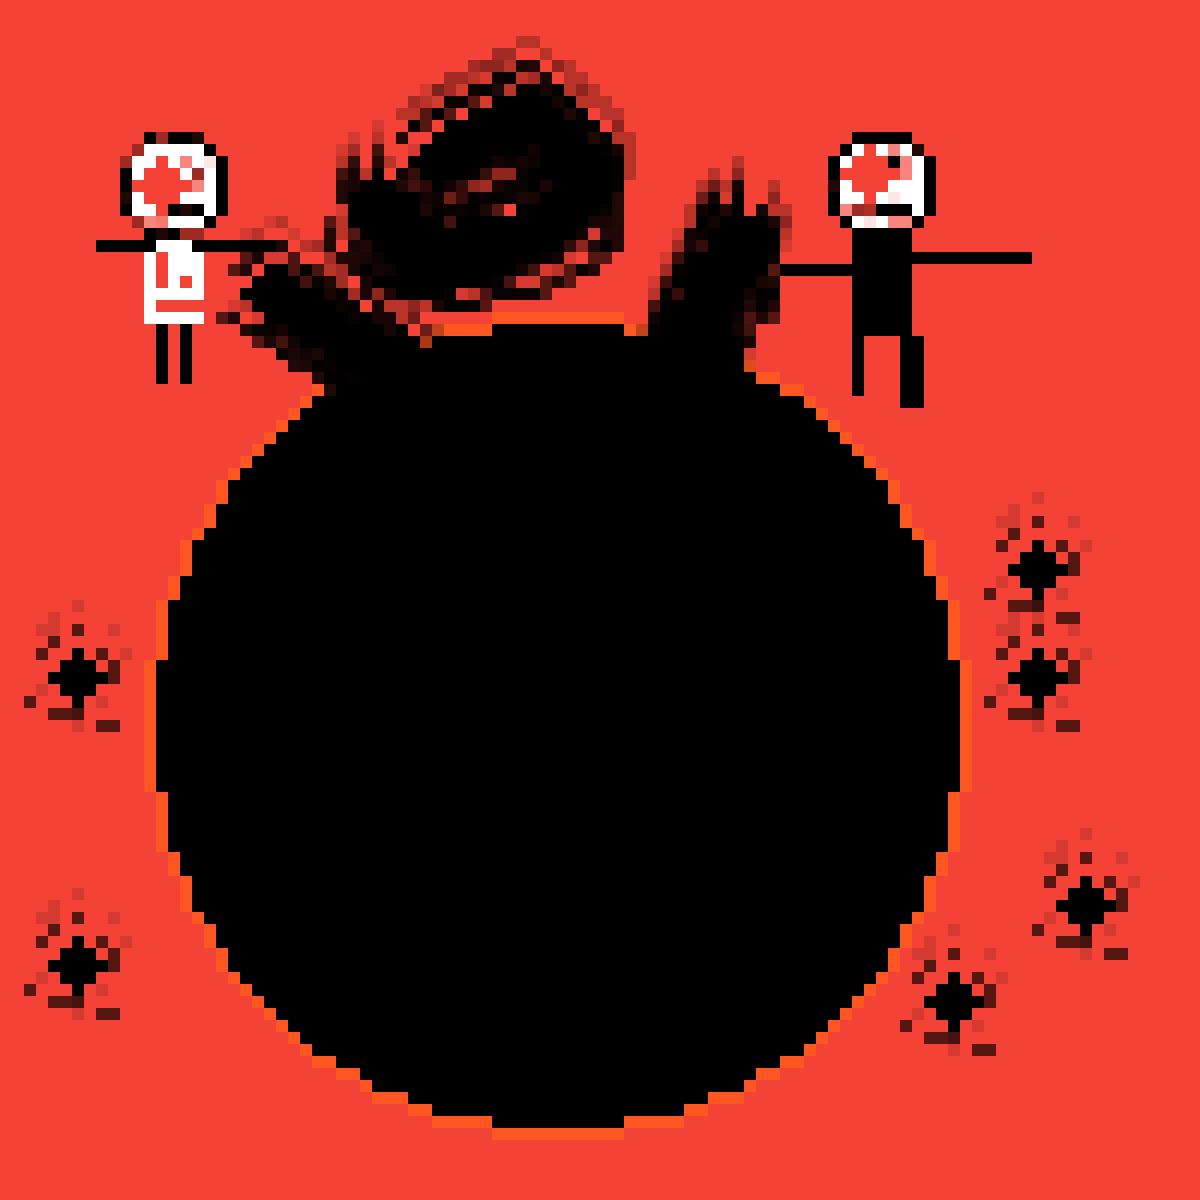 The black hole apocalypse by VortexGaming5